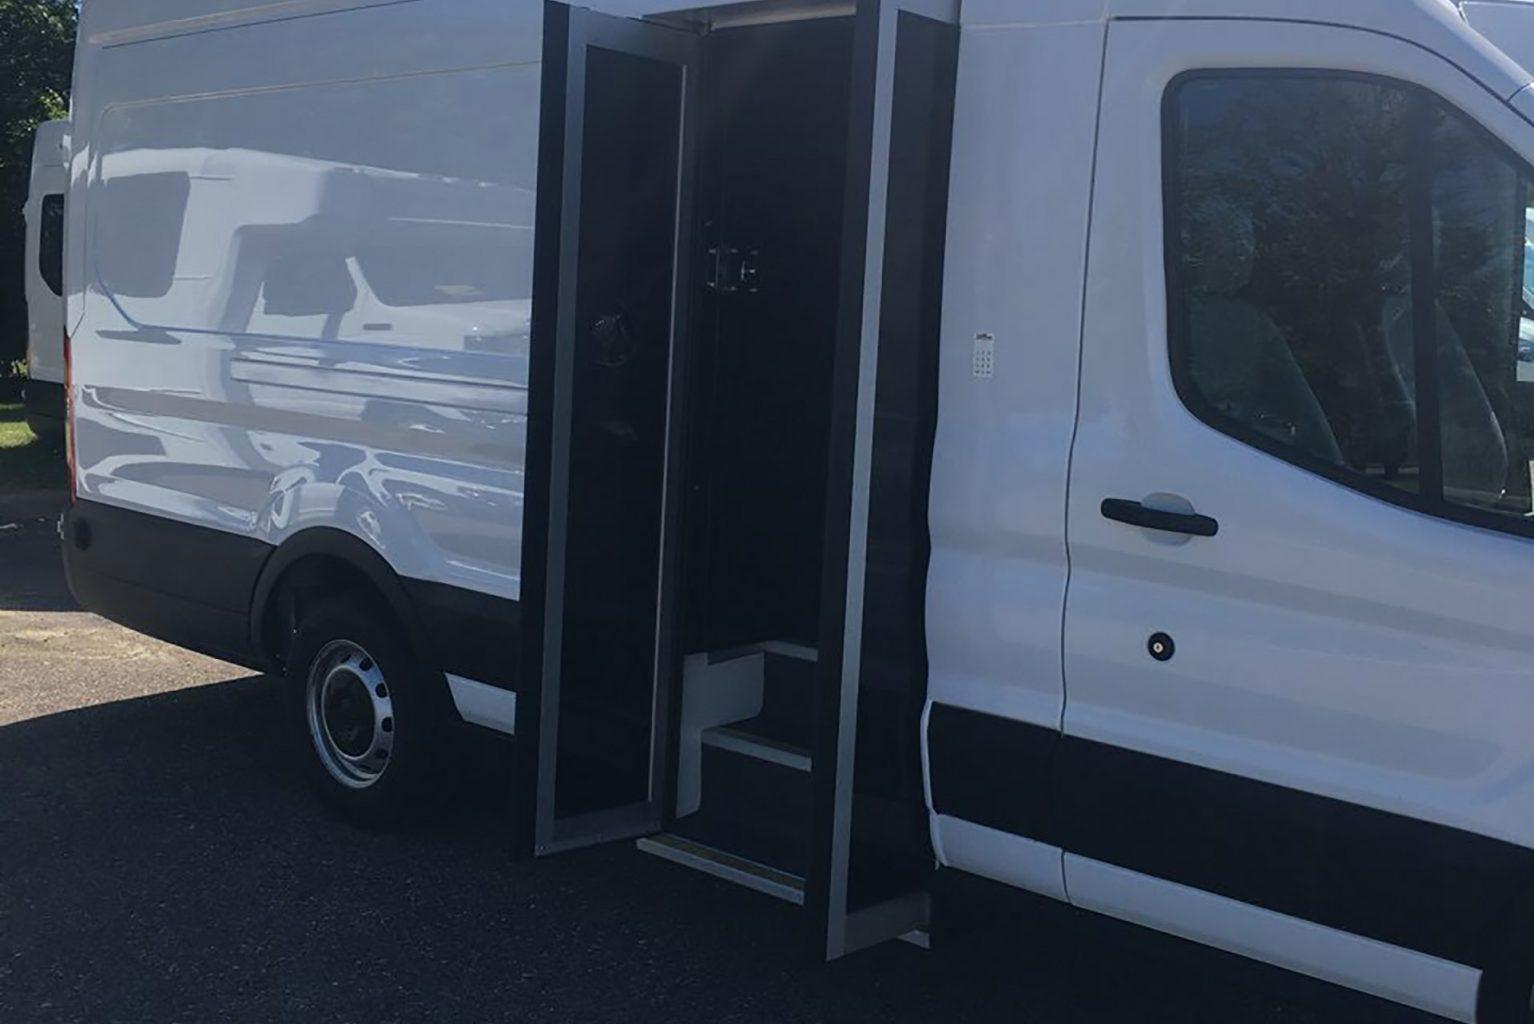 Prisoner Transport van exterior